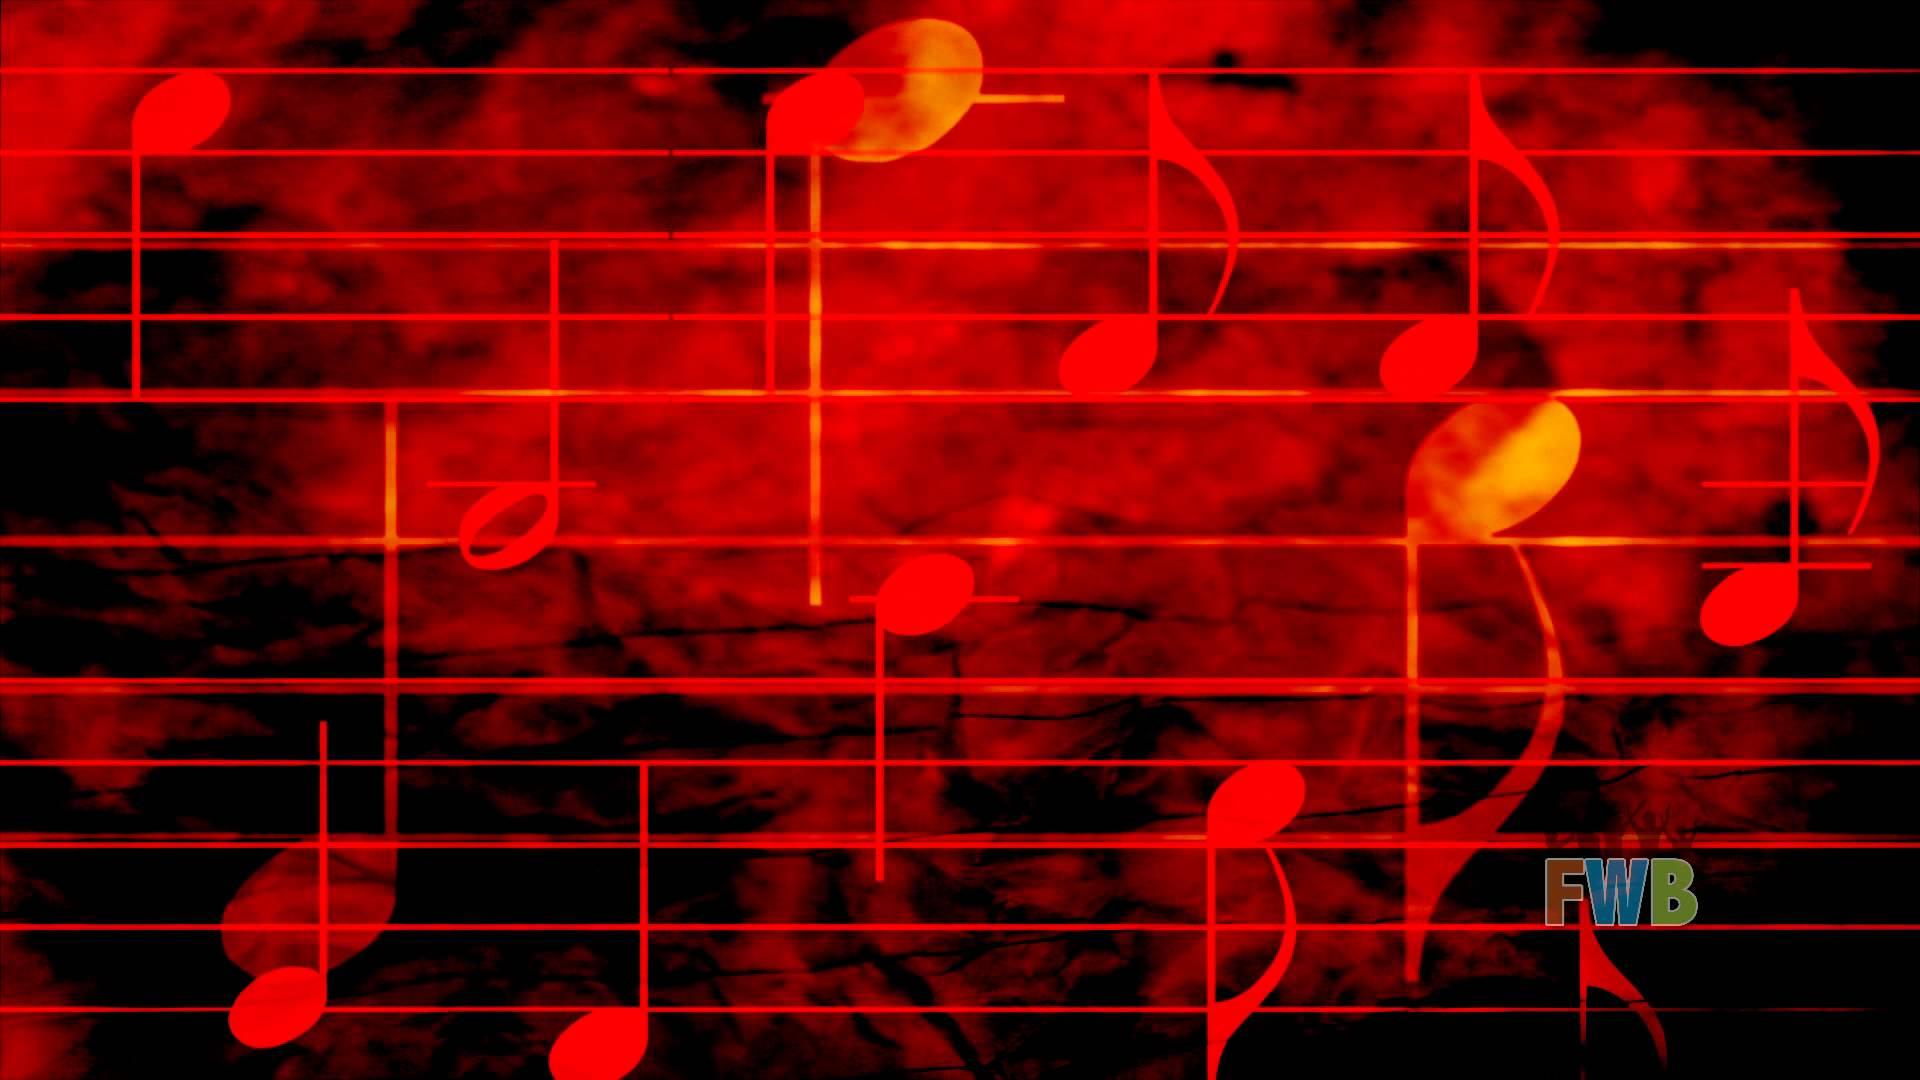 christian music wallpaper wallpapersafari